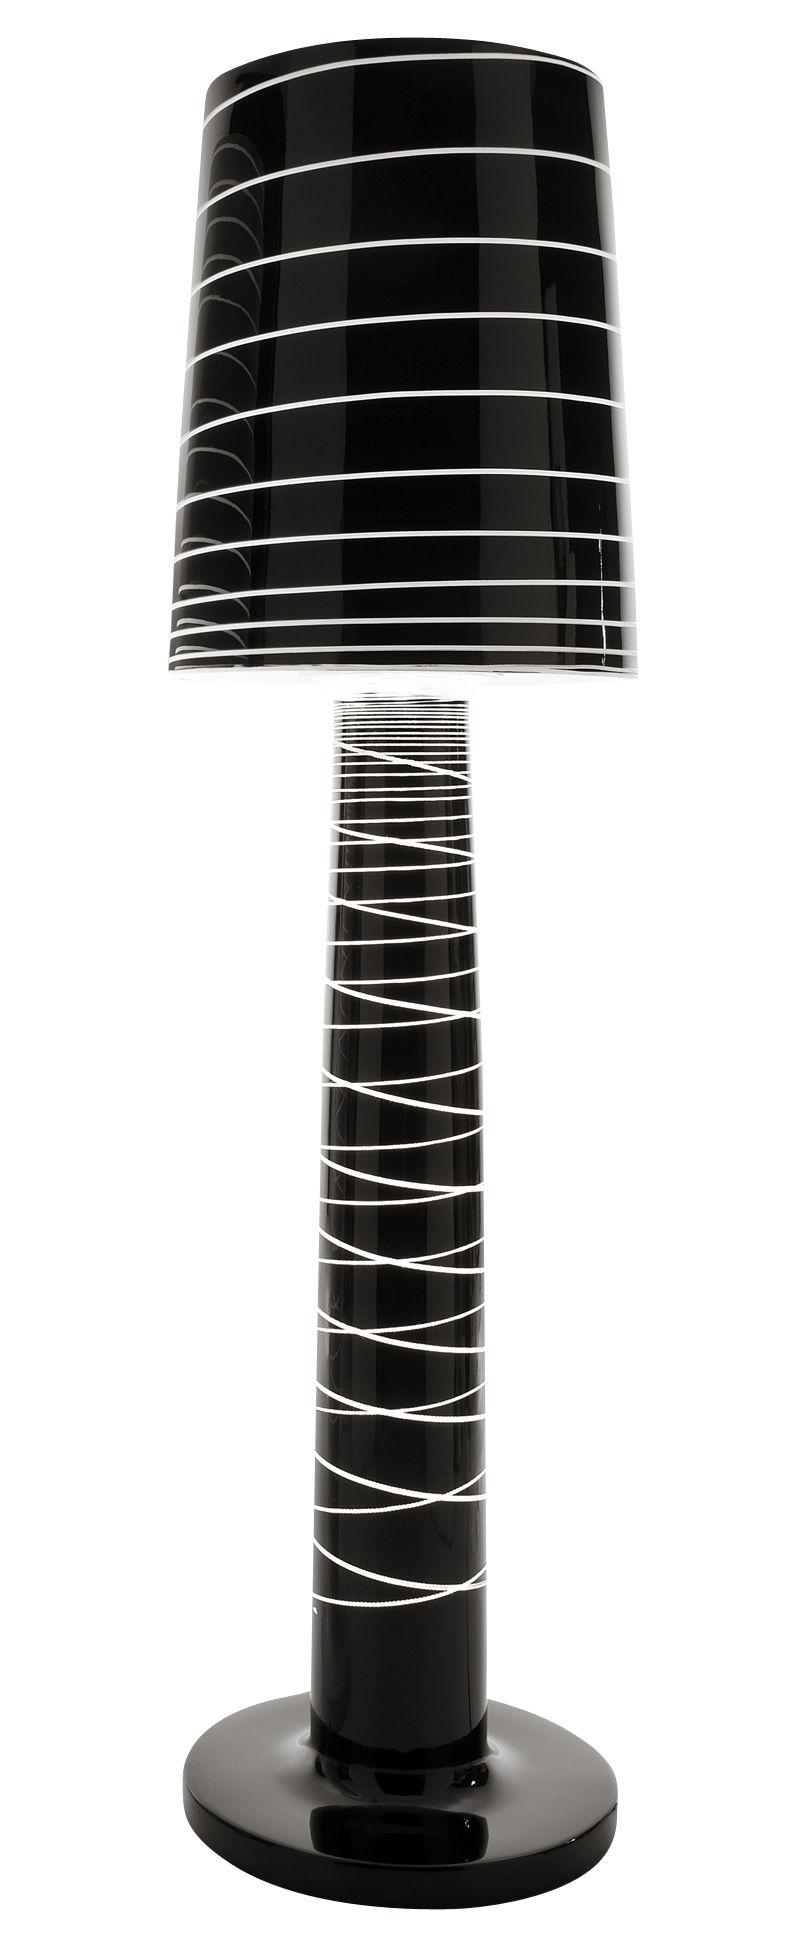 Illuminazione - Lampade da terra - Lampada a stelo Miss Jane di Serralunga - Nero laccato a righe - Polietilene